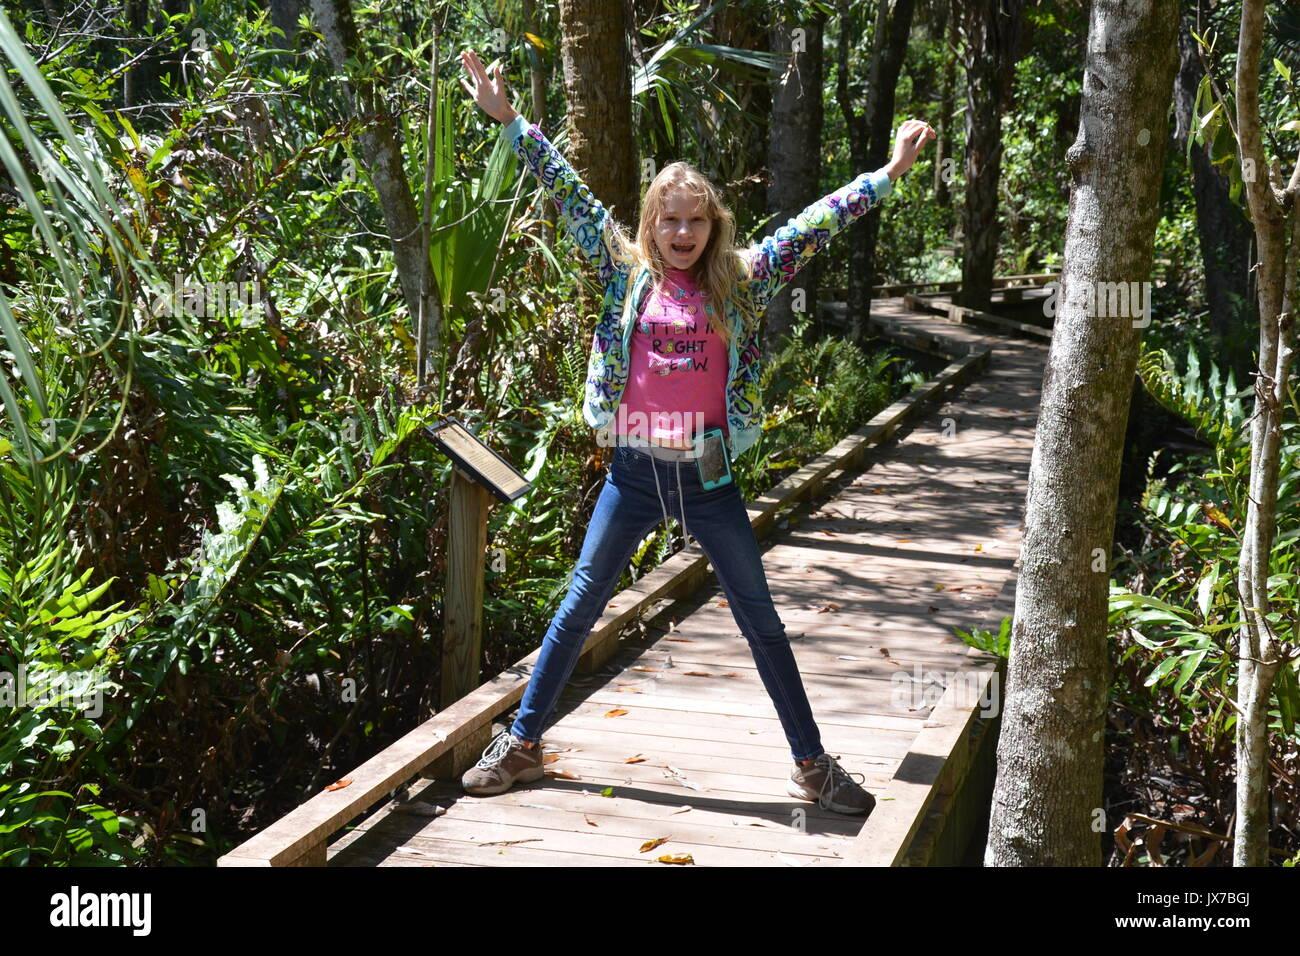 Junge weibliche Handeln silly auf eine Promenade durch den Wald. Stockbild